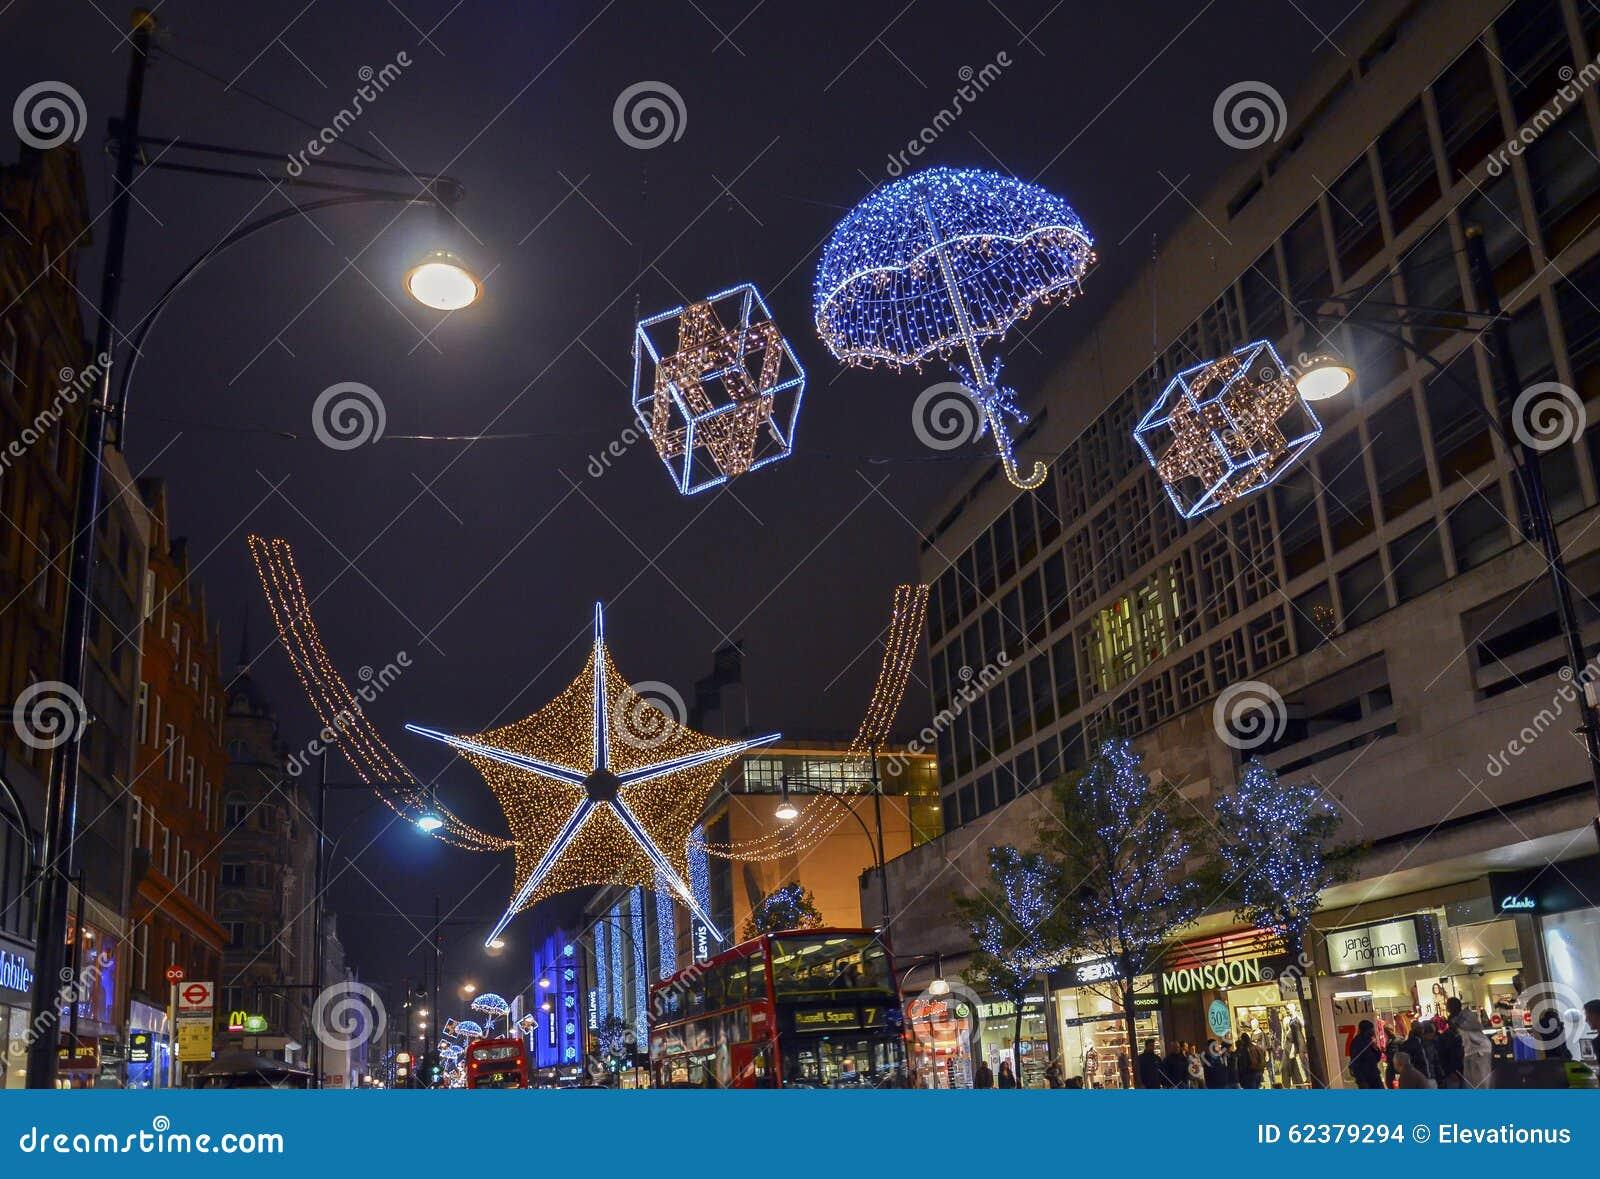 Decorazioni Natalizie Londra.Decorazioni Di Natale Londra Immagine Stock Editoriale Immagine